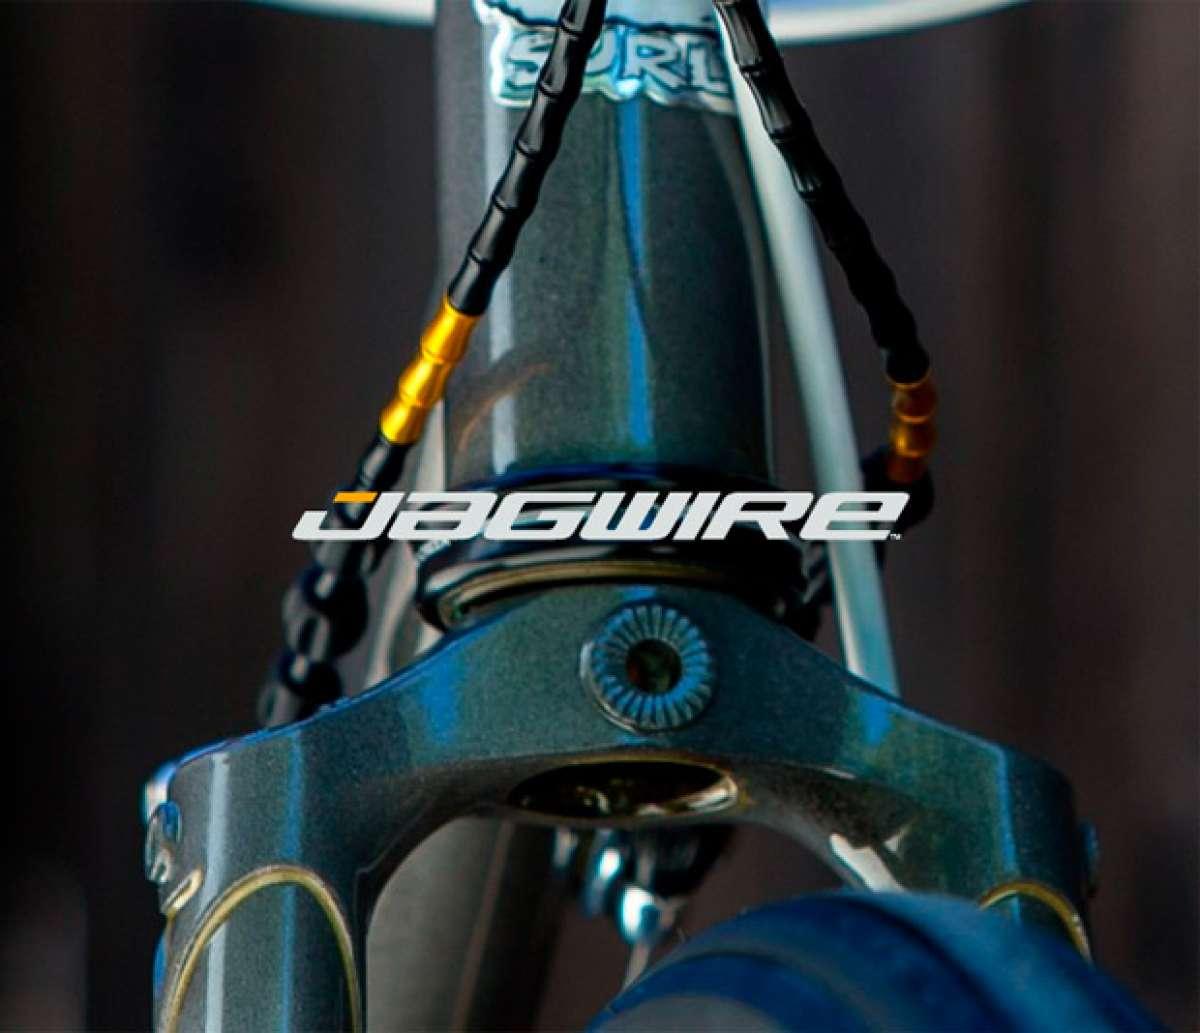 Los cables, fundas y latiguillos de Jagwire, ya disponibles en España de la mano de Vic Sports